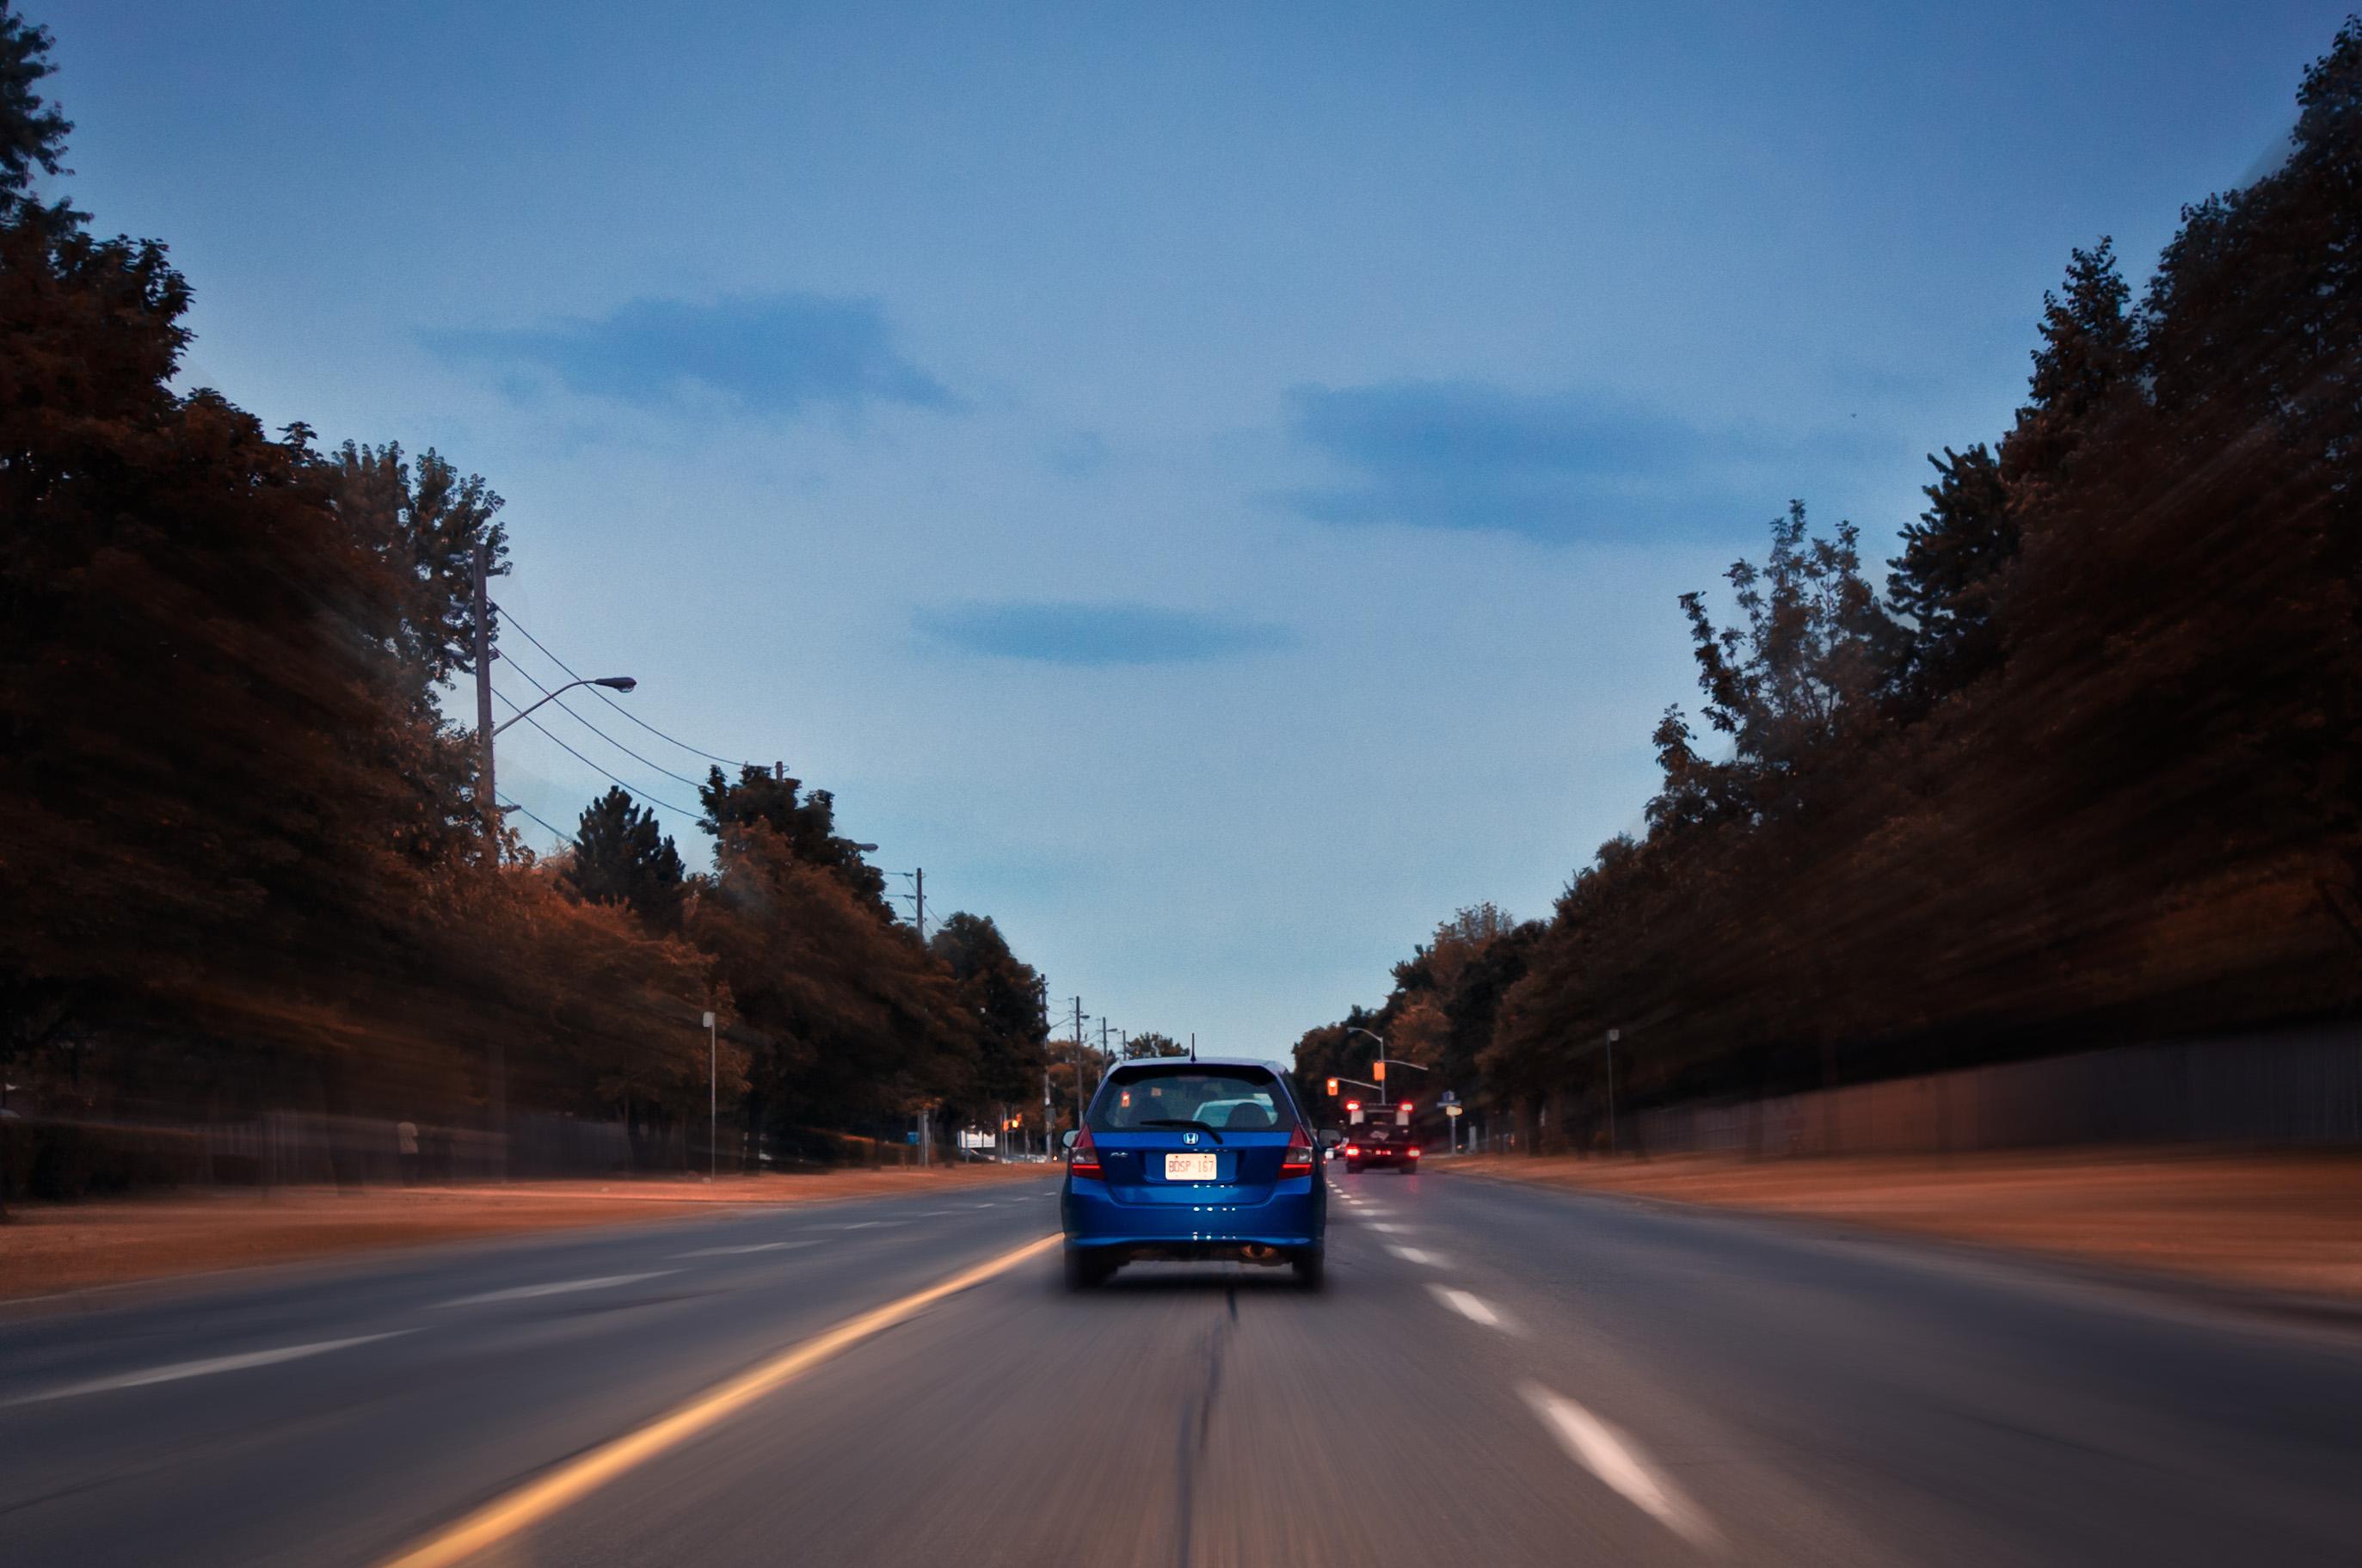 Free Car Driving Simulator Games